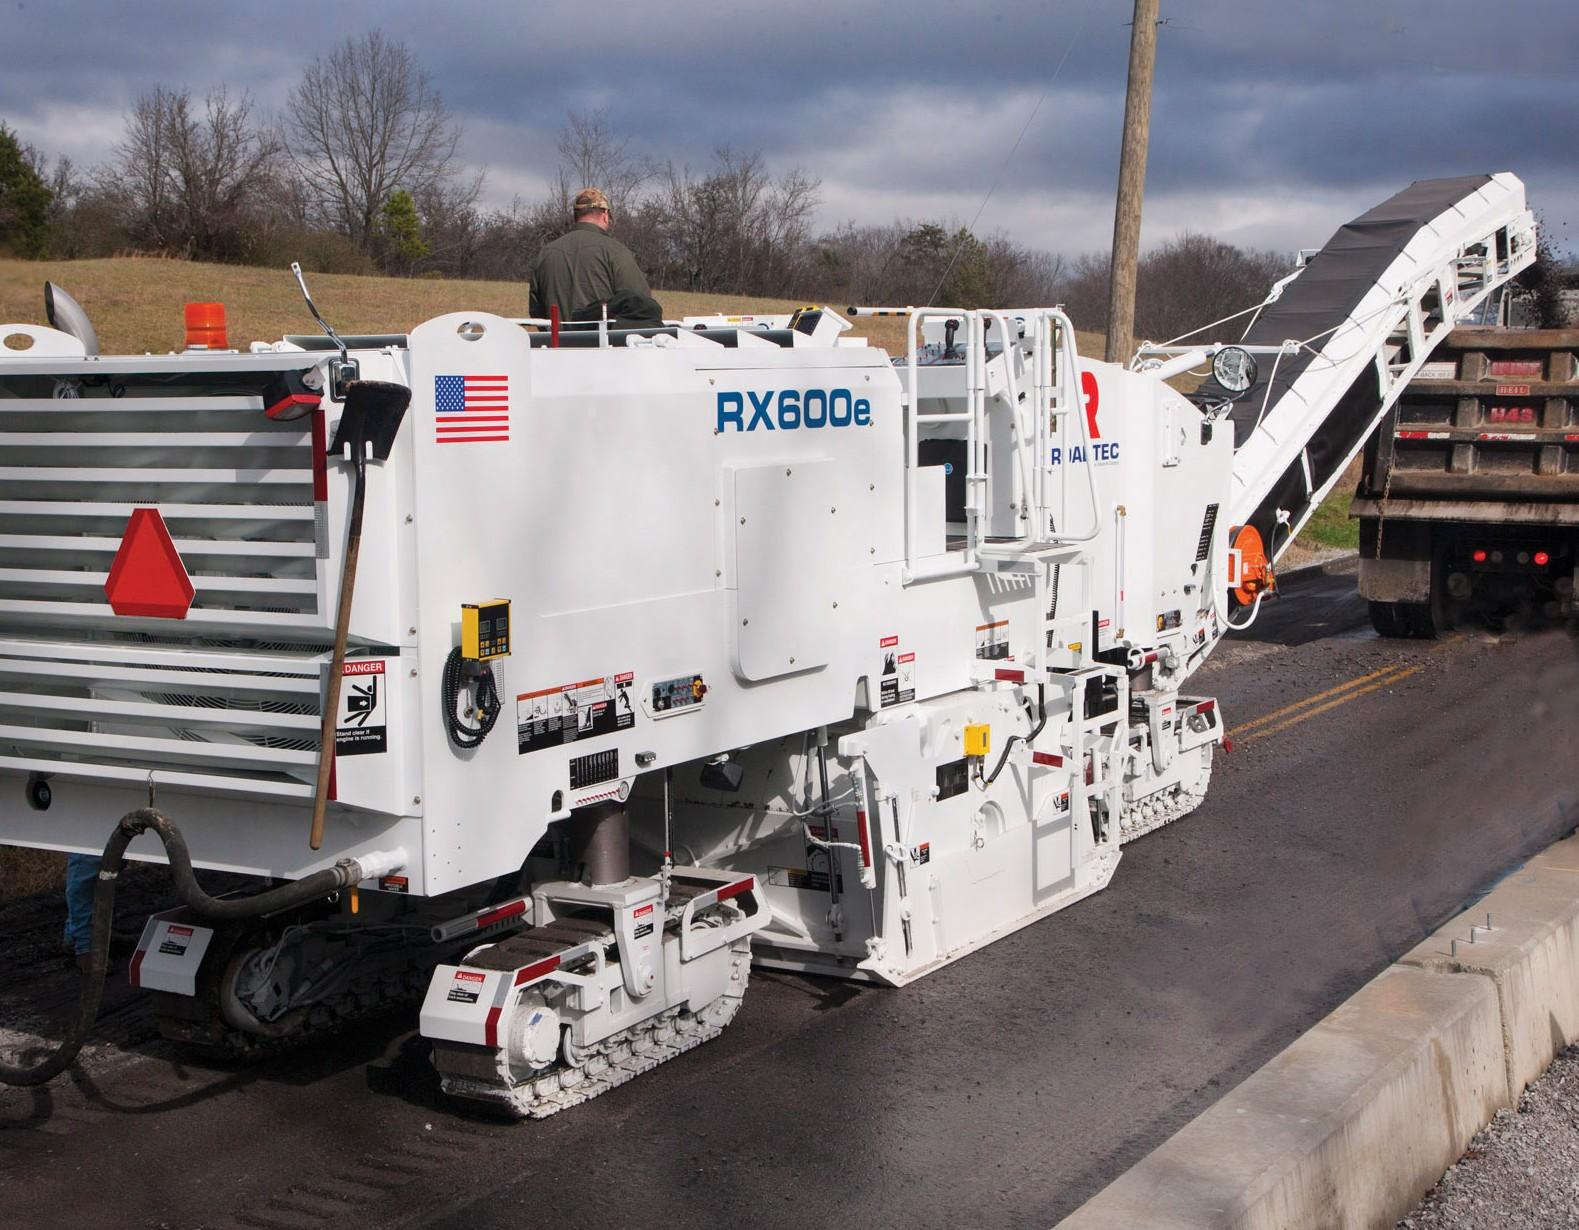 RX-600e/ex